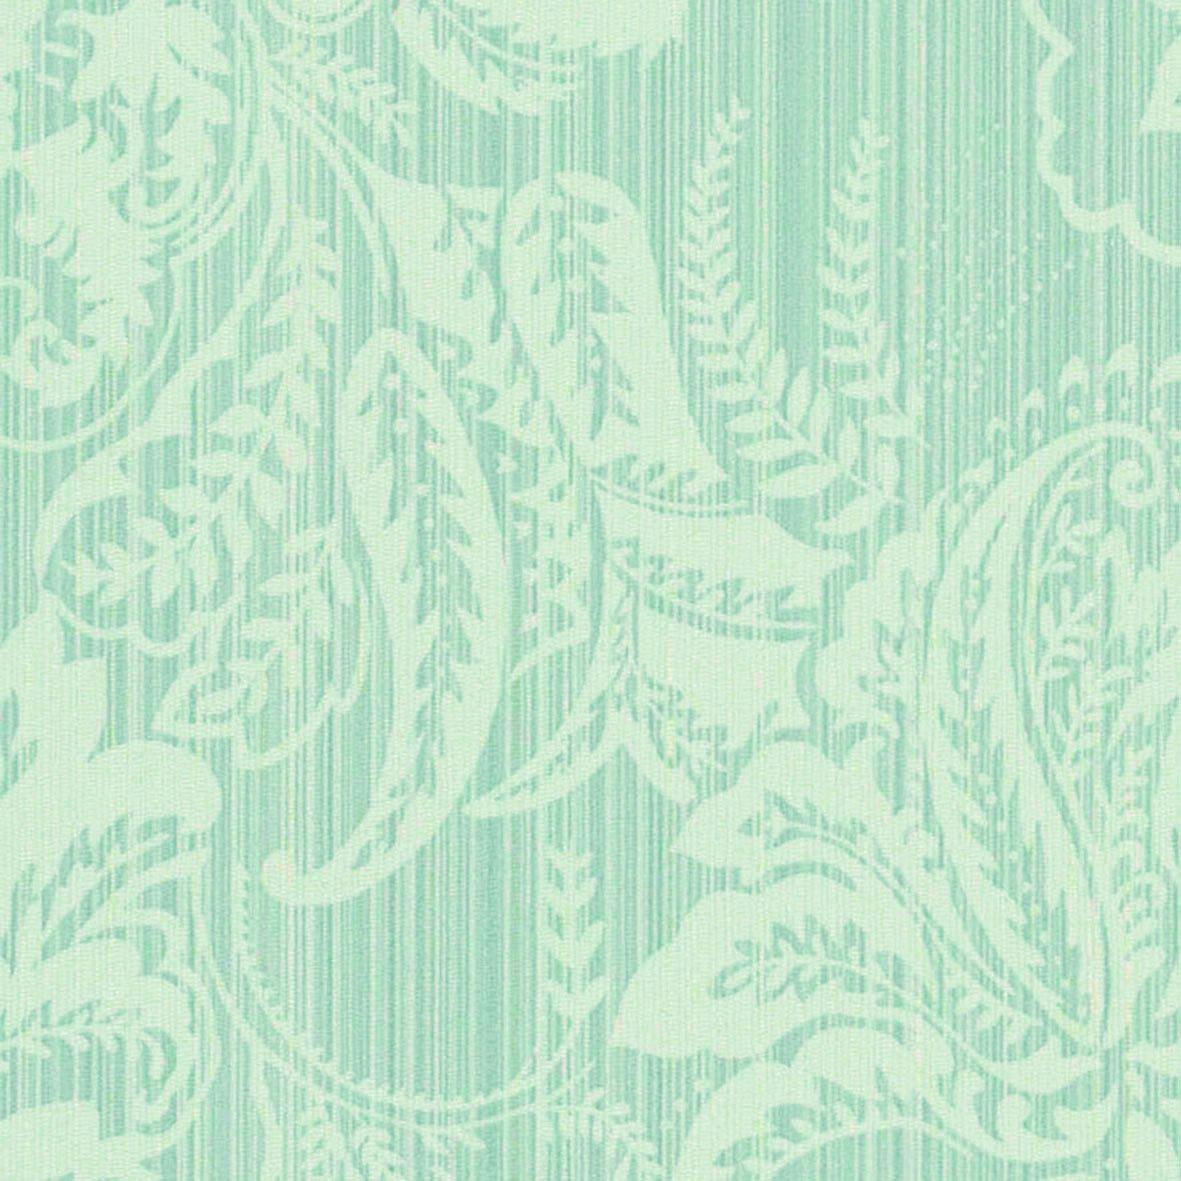 リリカラ 壁紙26m モダン 花柄 ブルー LL-8404 B01N3P2Y5W 26m|ブルー